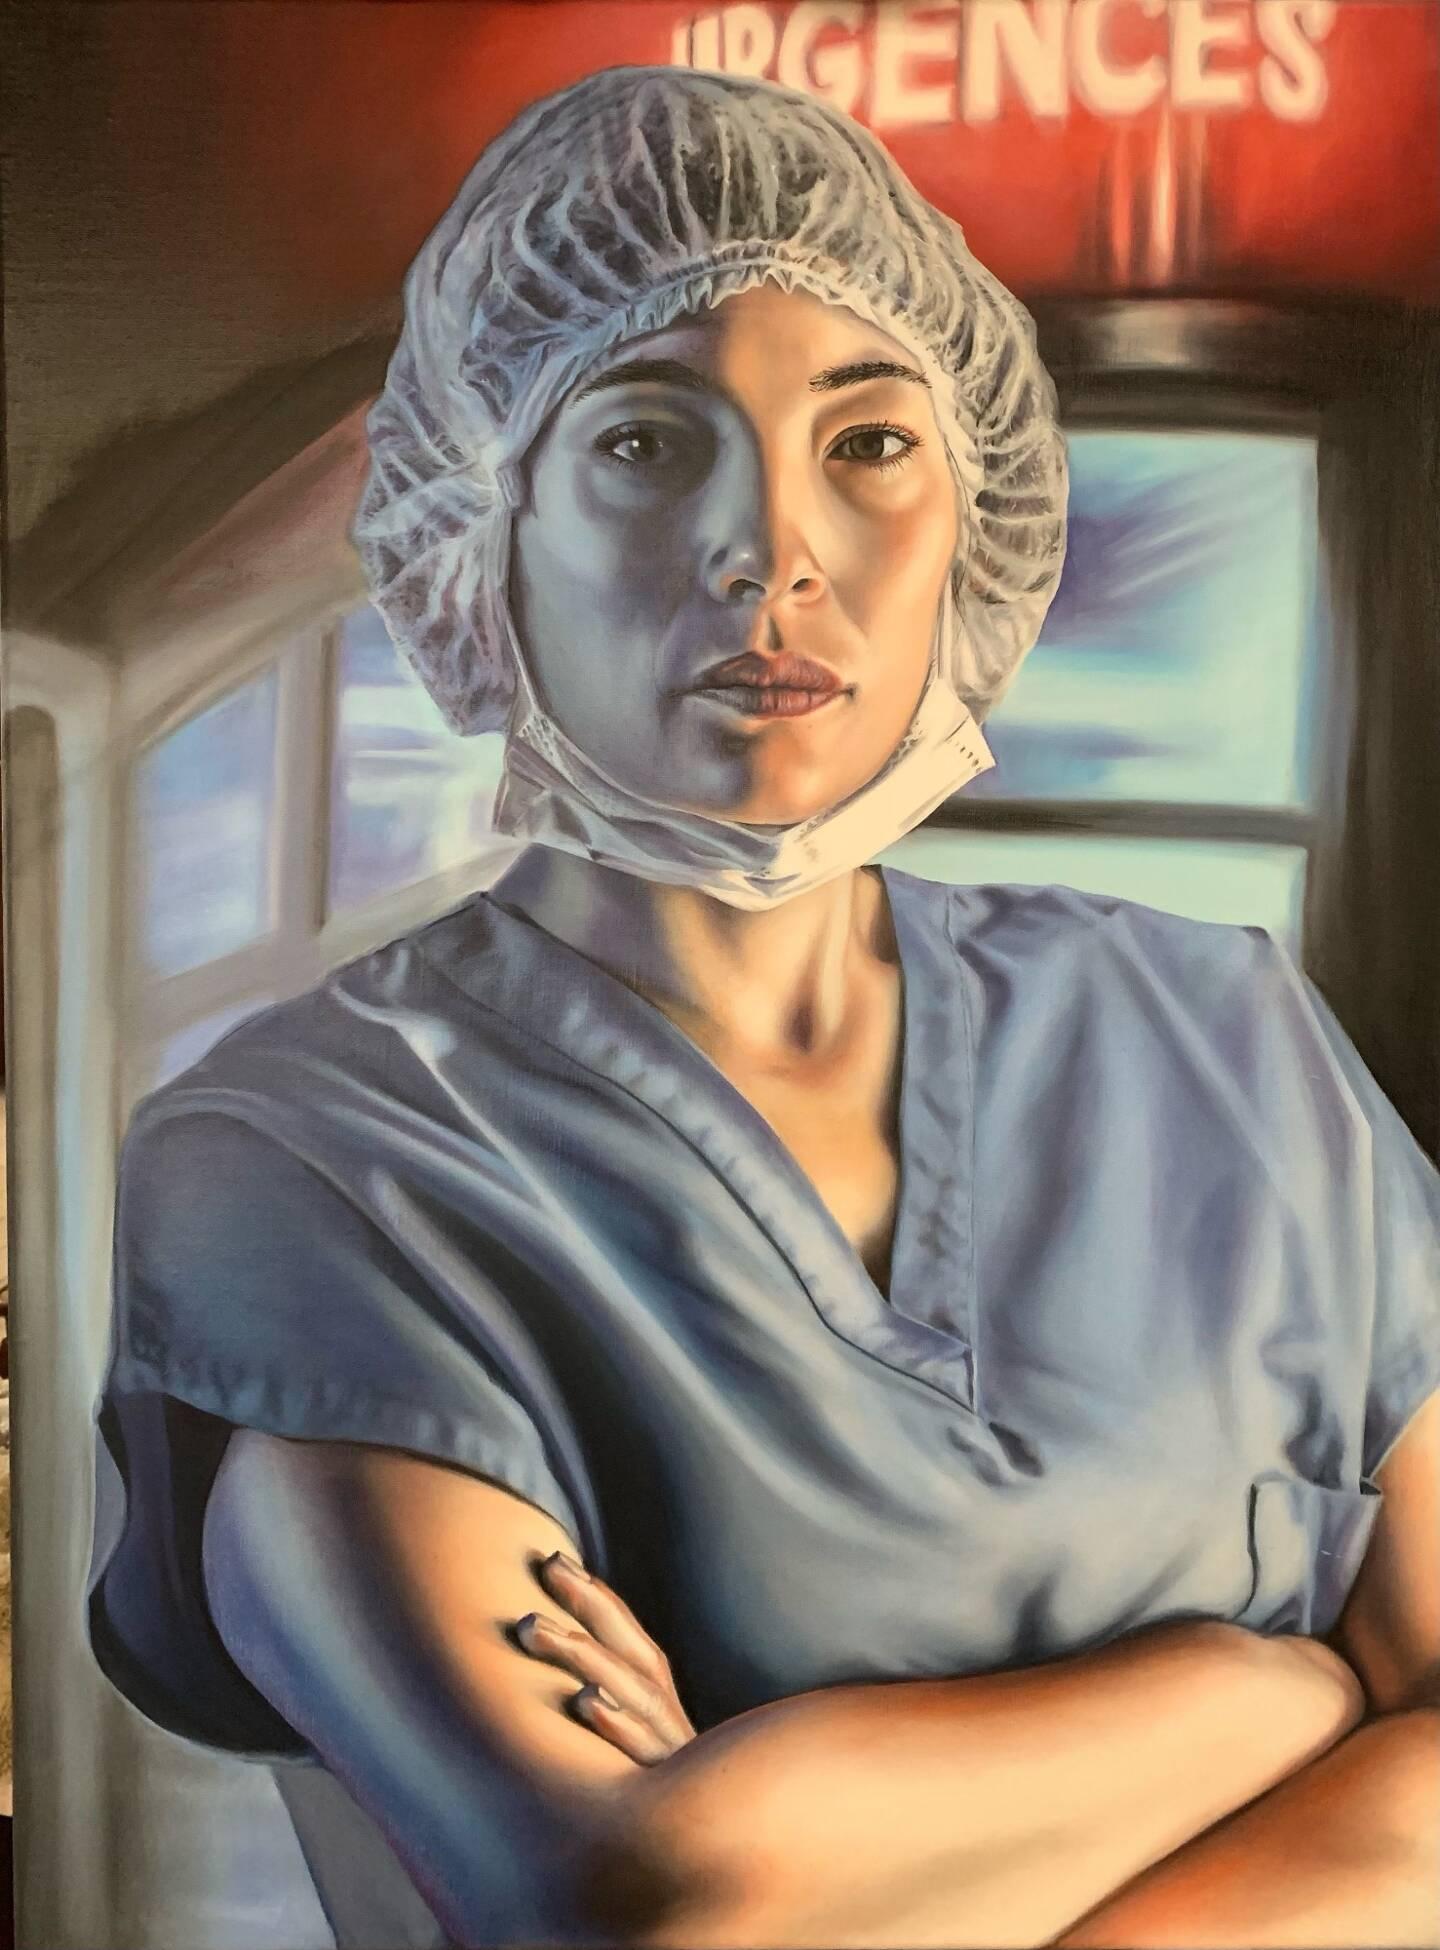 Des portraits qui reflètent la réalité et pourraient être exposés à l'hôpital Sainte-Musse